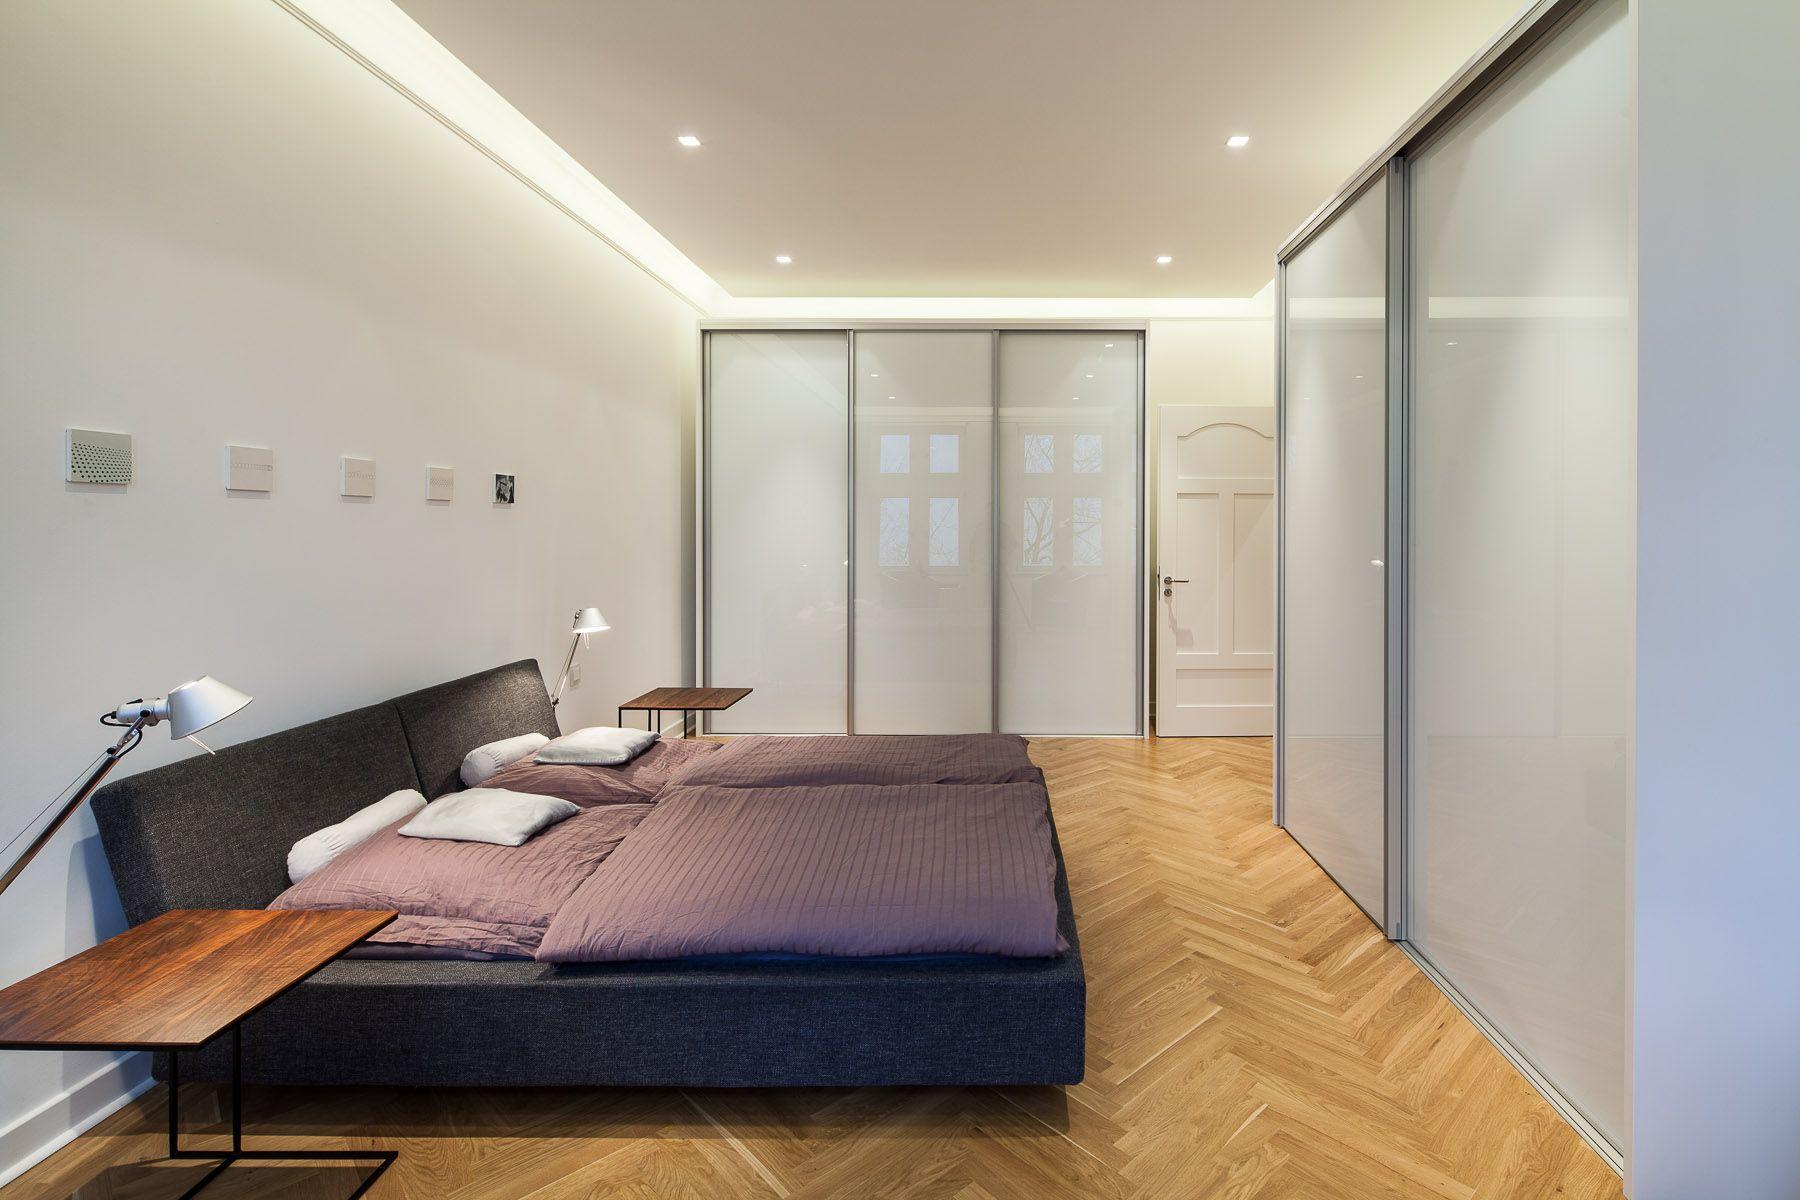 umbau wohnung t schlafzimmer mit abgesetzter abhangdecke und indirekter beleuchtung stkn. Black Bedroom Furniture Sets. Home Design Ideas